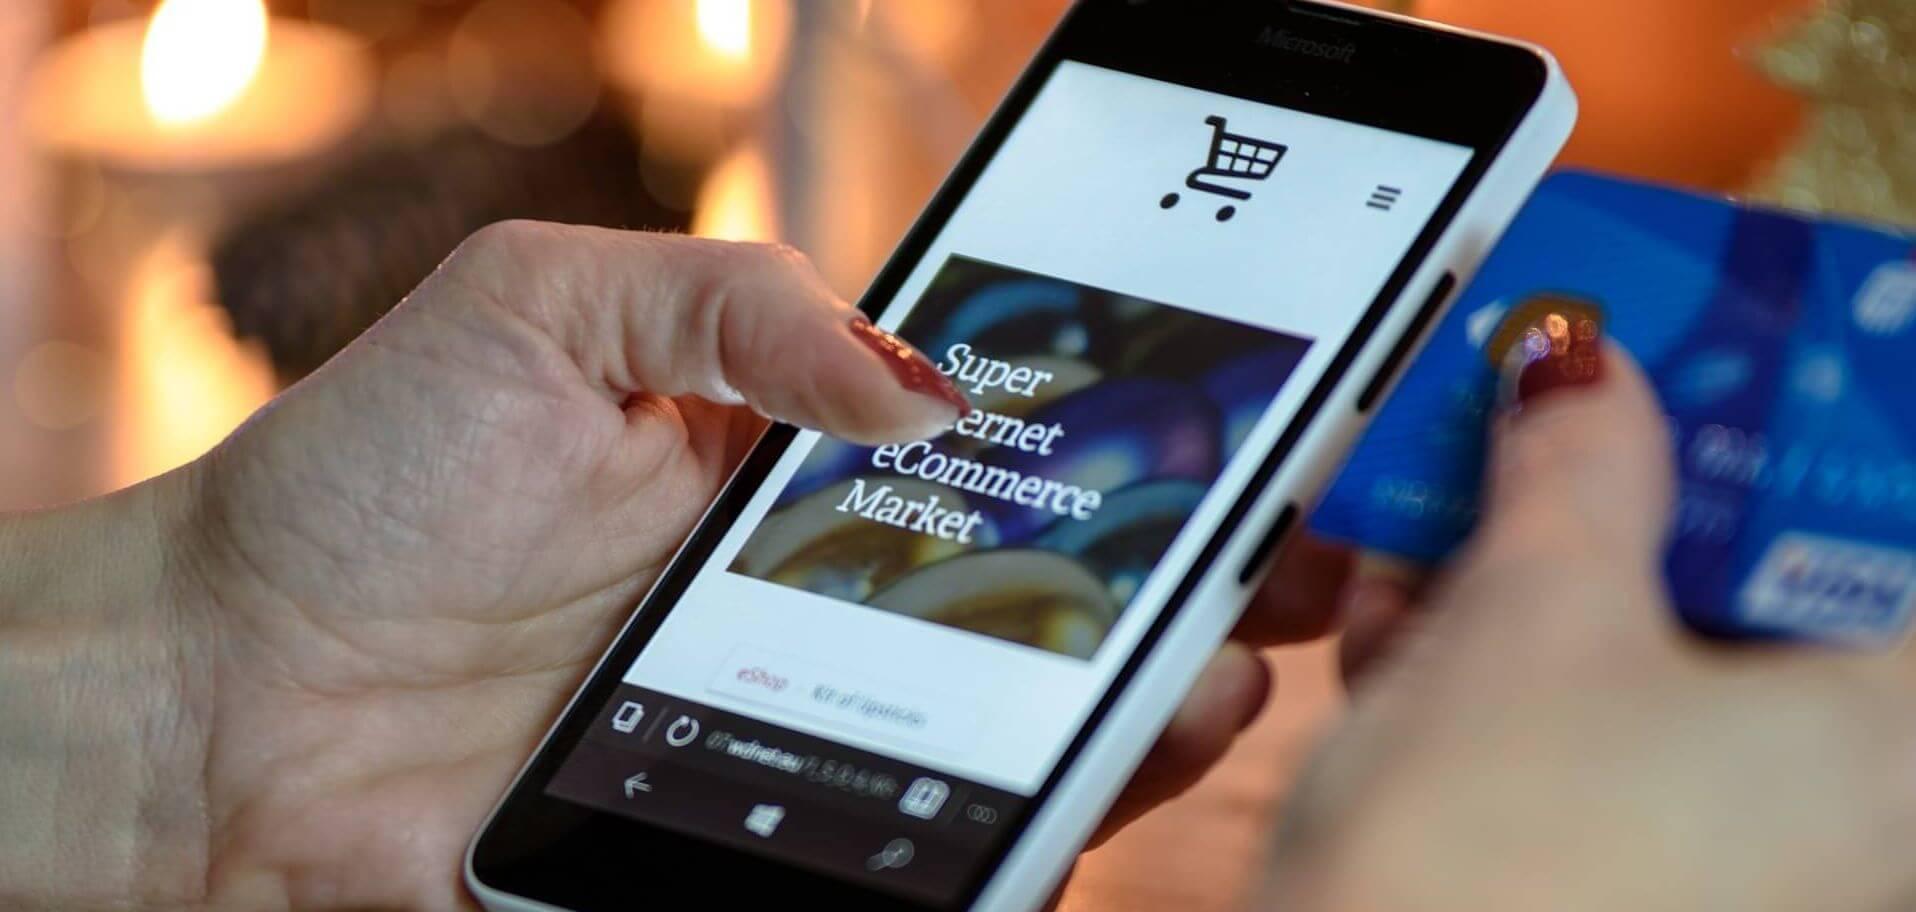 ネットやフリマアプリで不用品を売って稼ぐ